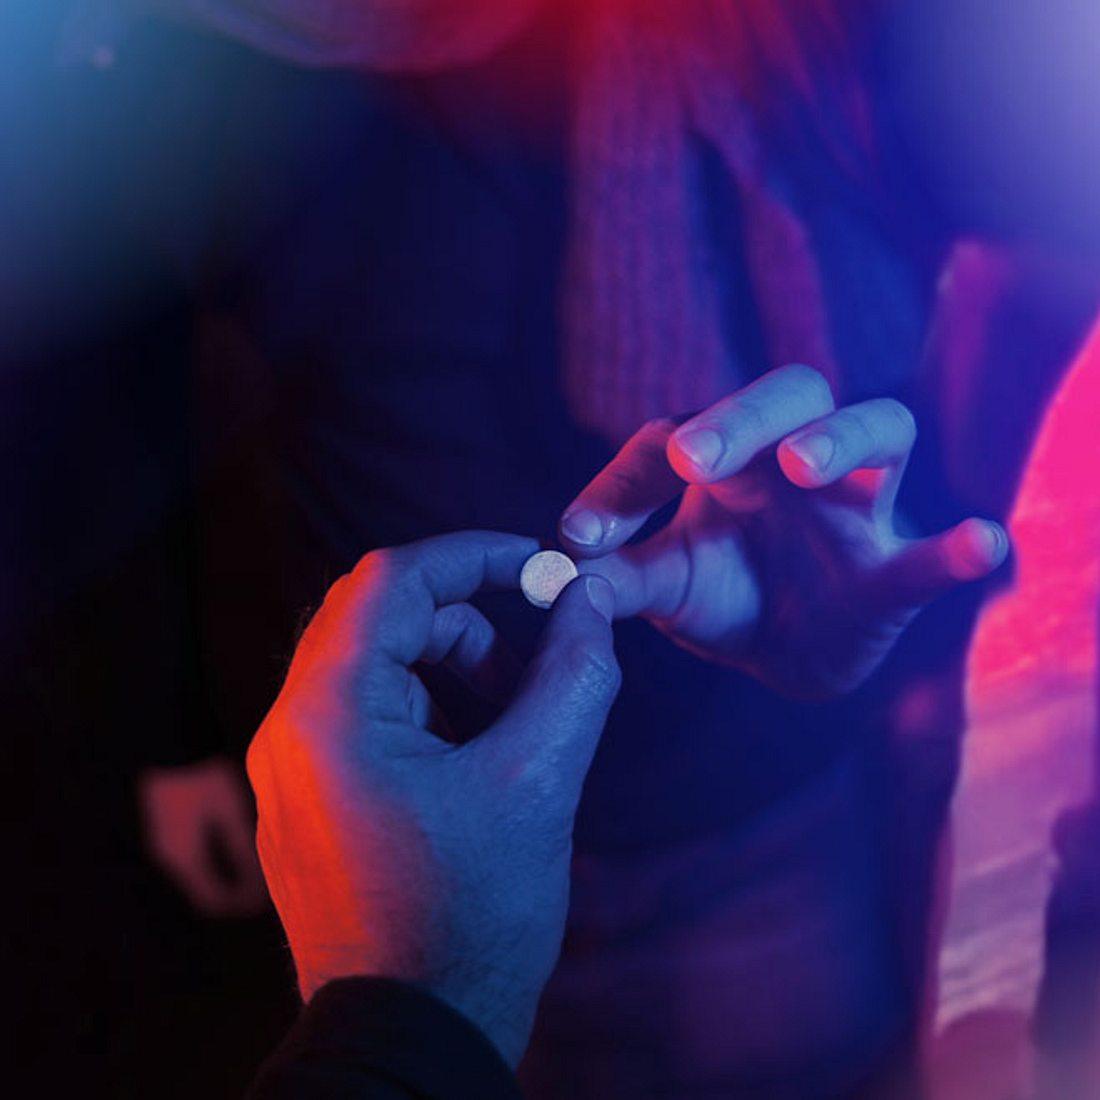 Paar setzt Mädchen (18) unter Drogen und verkauft es für Sex